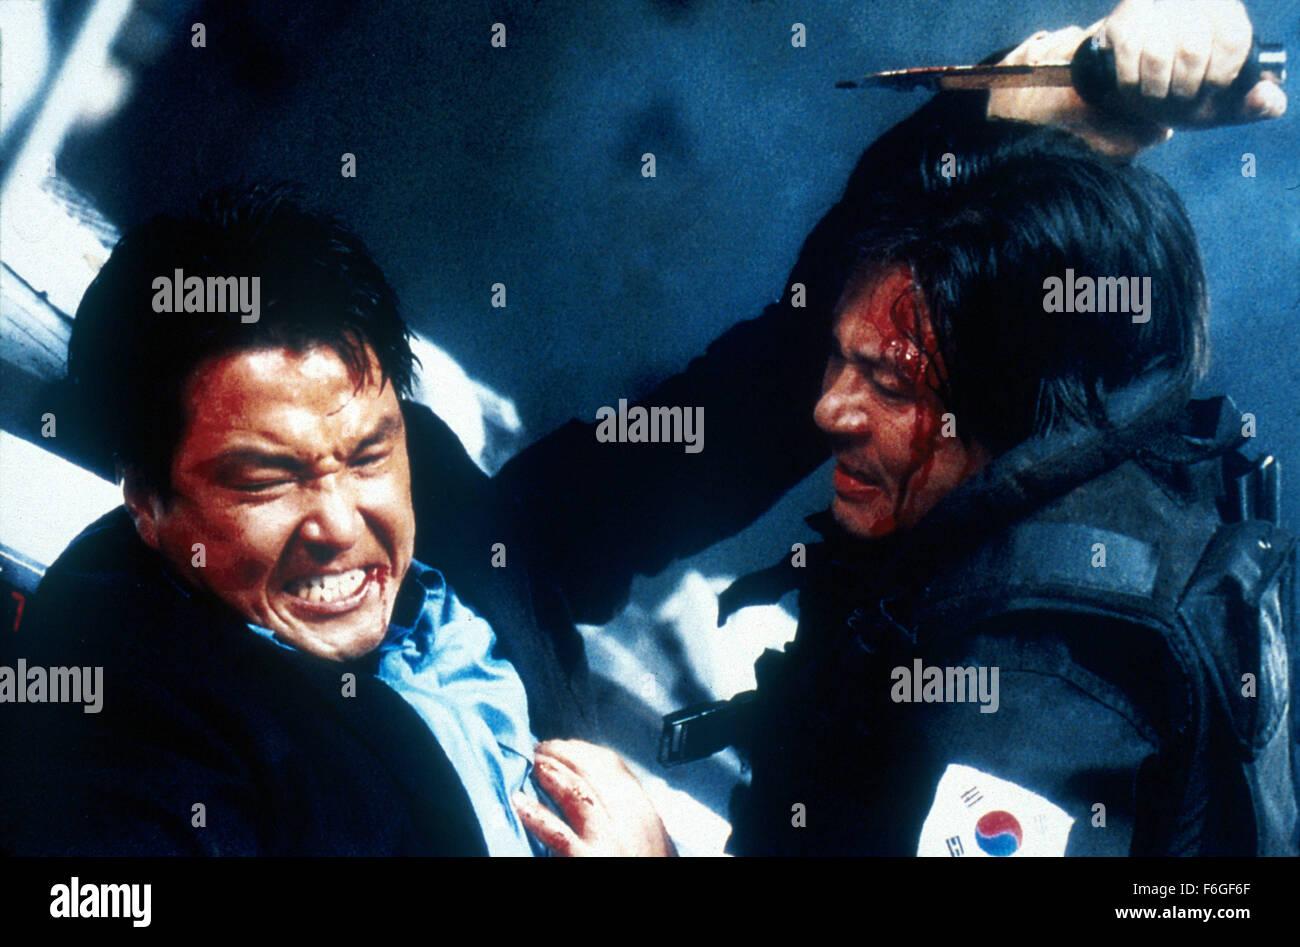 13 févr., 1999; Séoul, Corée du Sud; SUK-KYU HAN (à gauche) comme JongWon Yu et Photo Stock